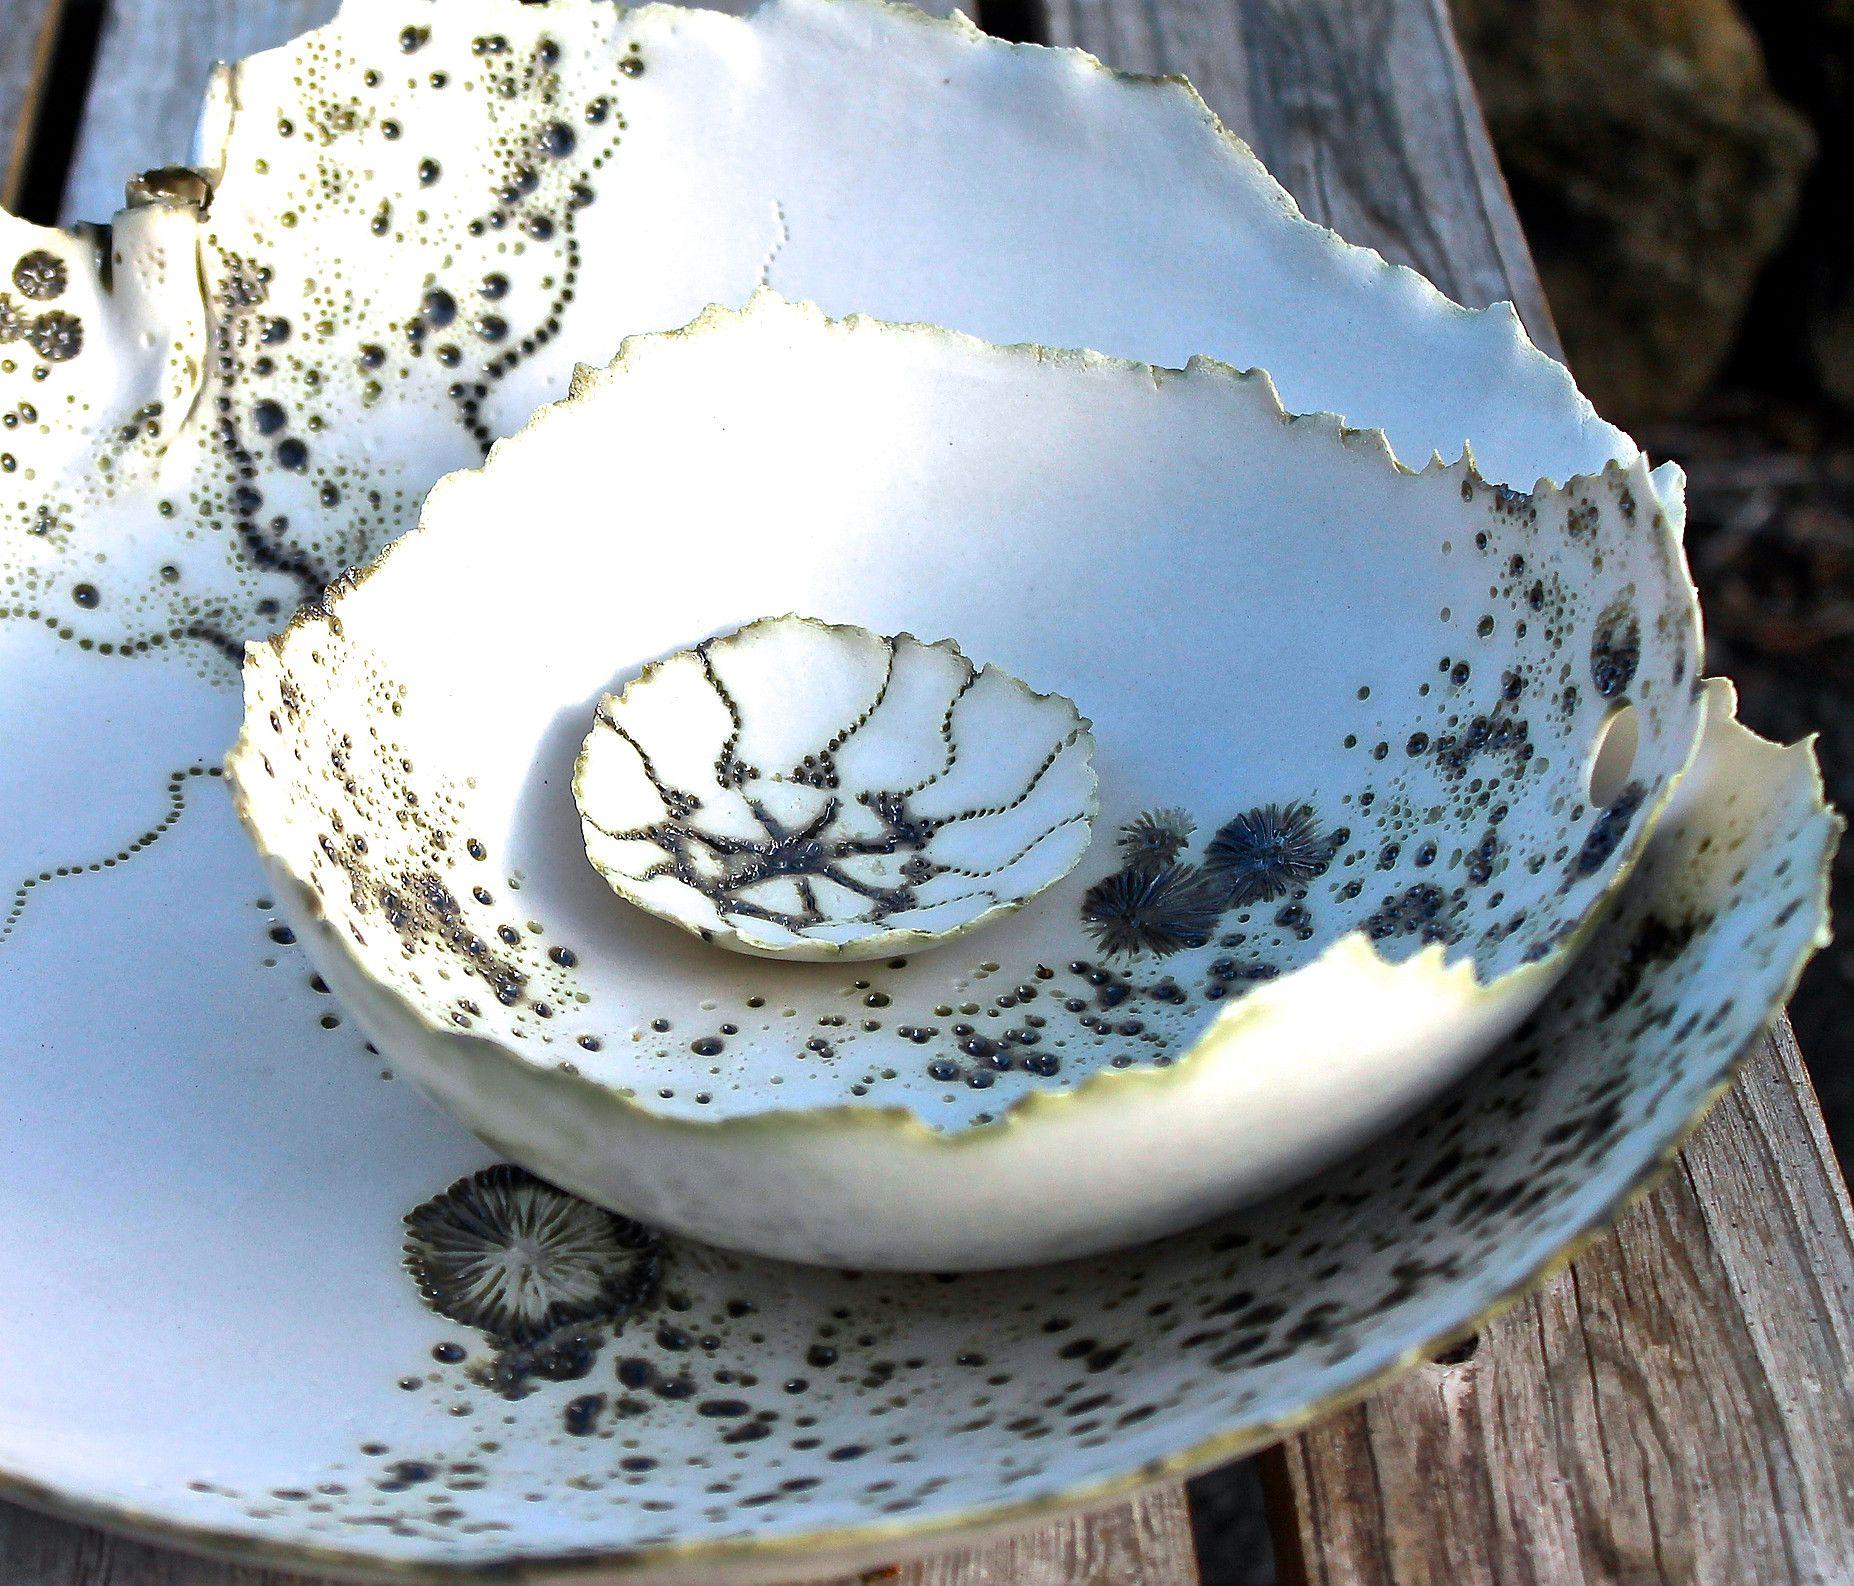 Handmade Ceramic Platter In Coastal Kitchen: Porcelain Ocean By Zoe Johnson: Handmade Porcelain